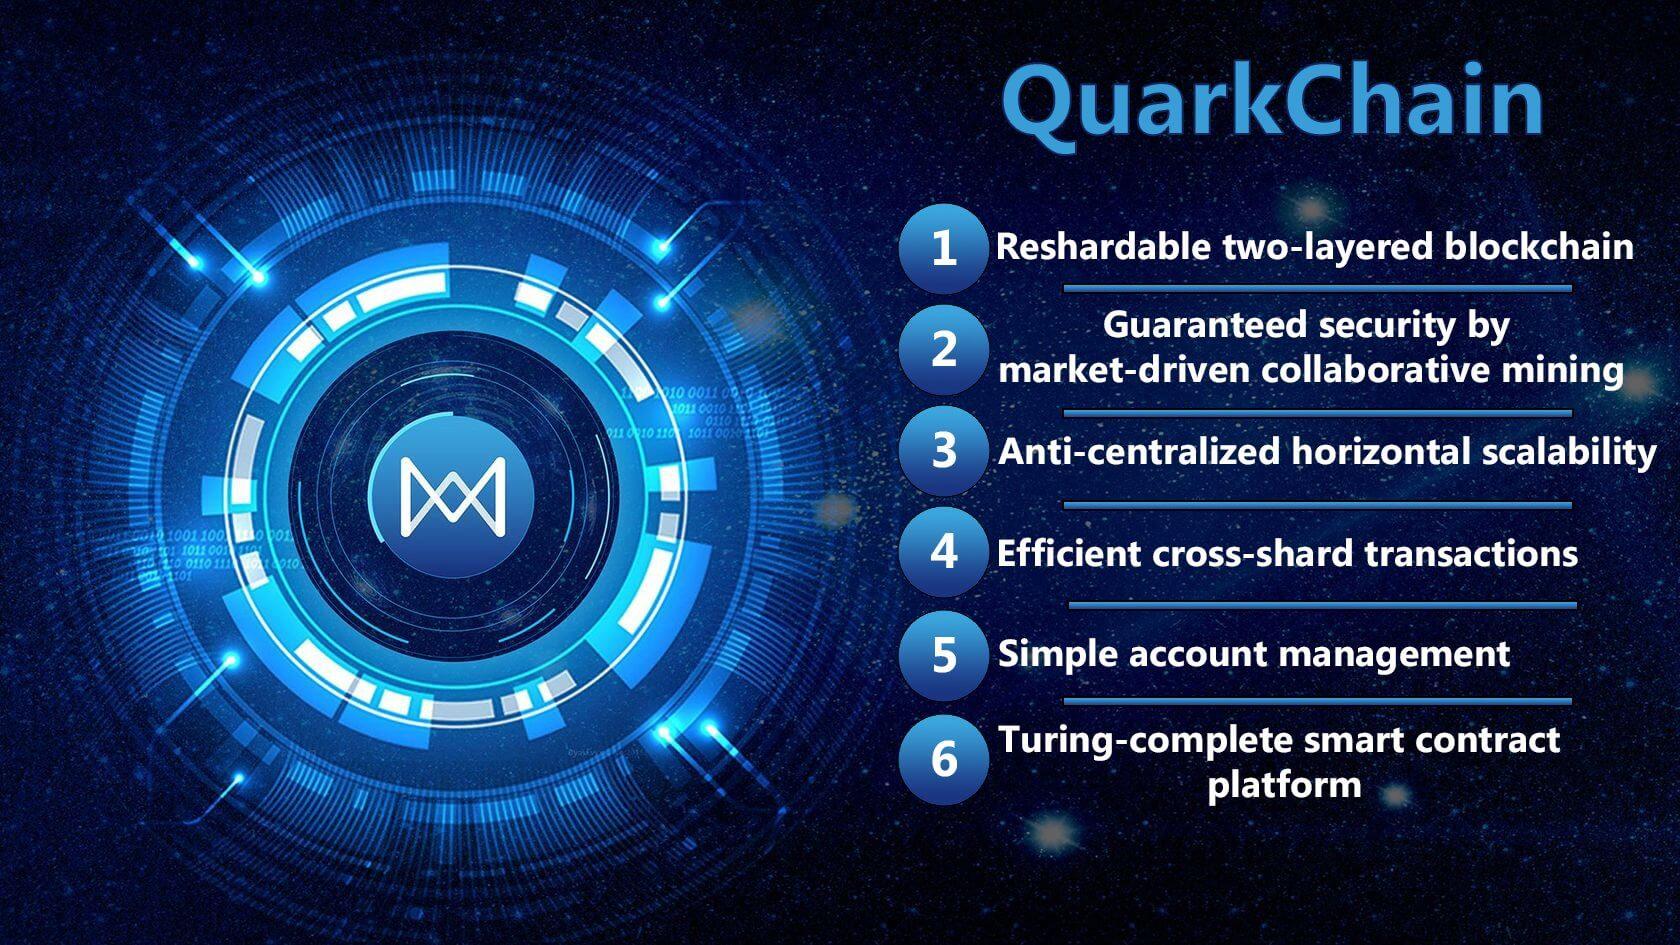 Prévision de prix Quarkchain 2019: un projet de blockchain d'un milliard de dollars